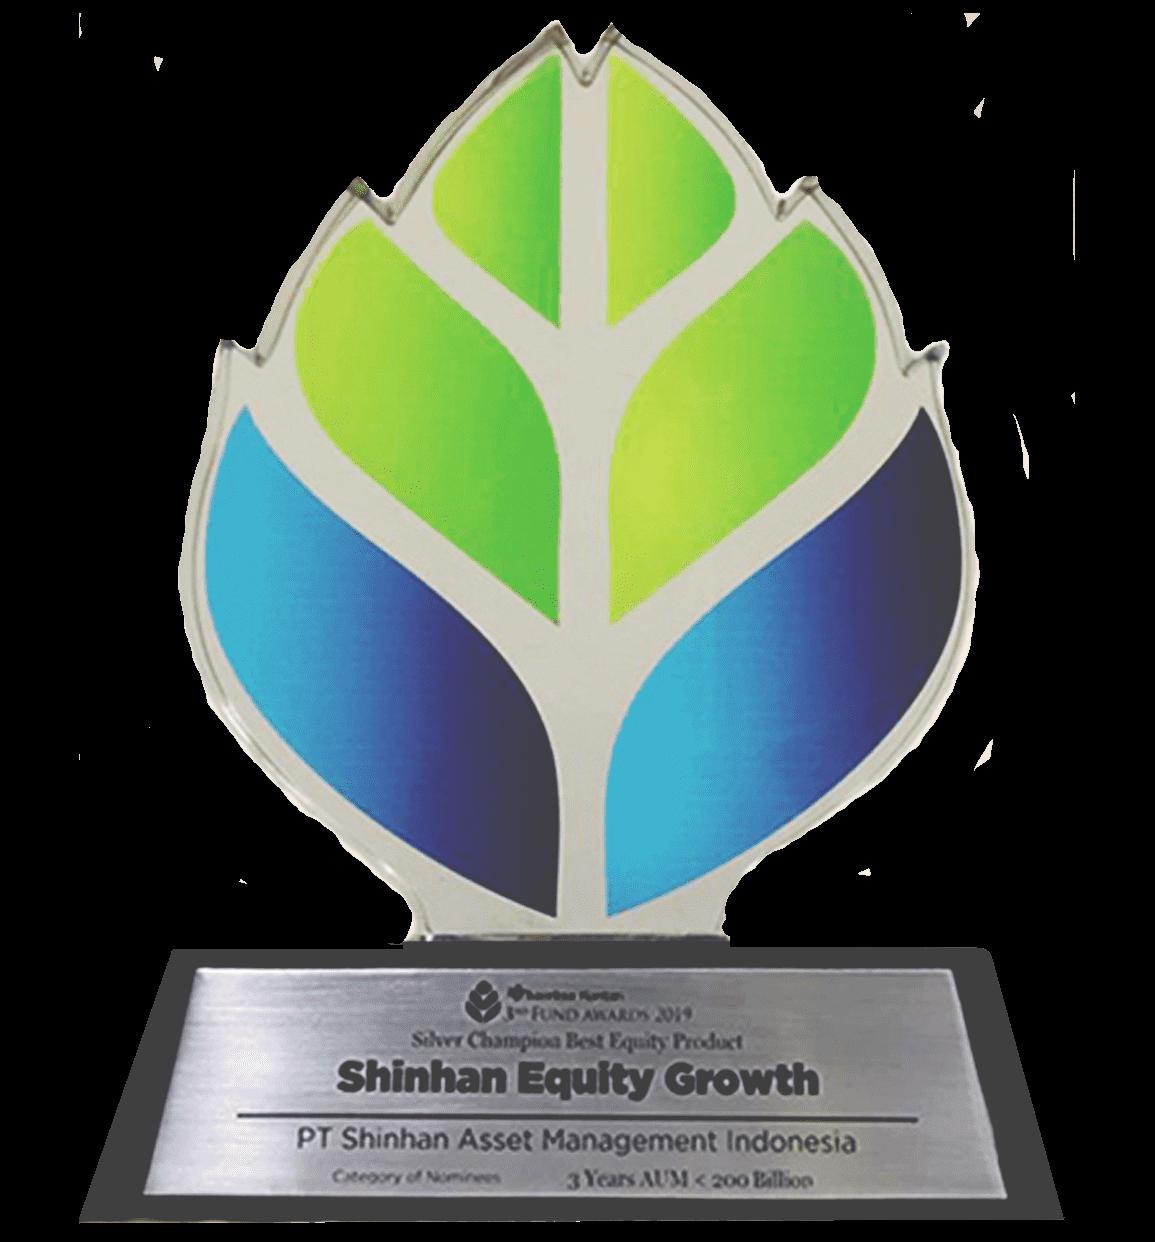 Penghargaan Shinhan